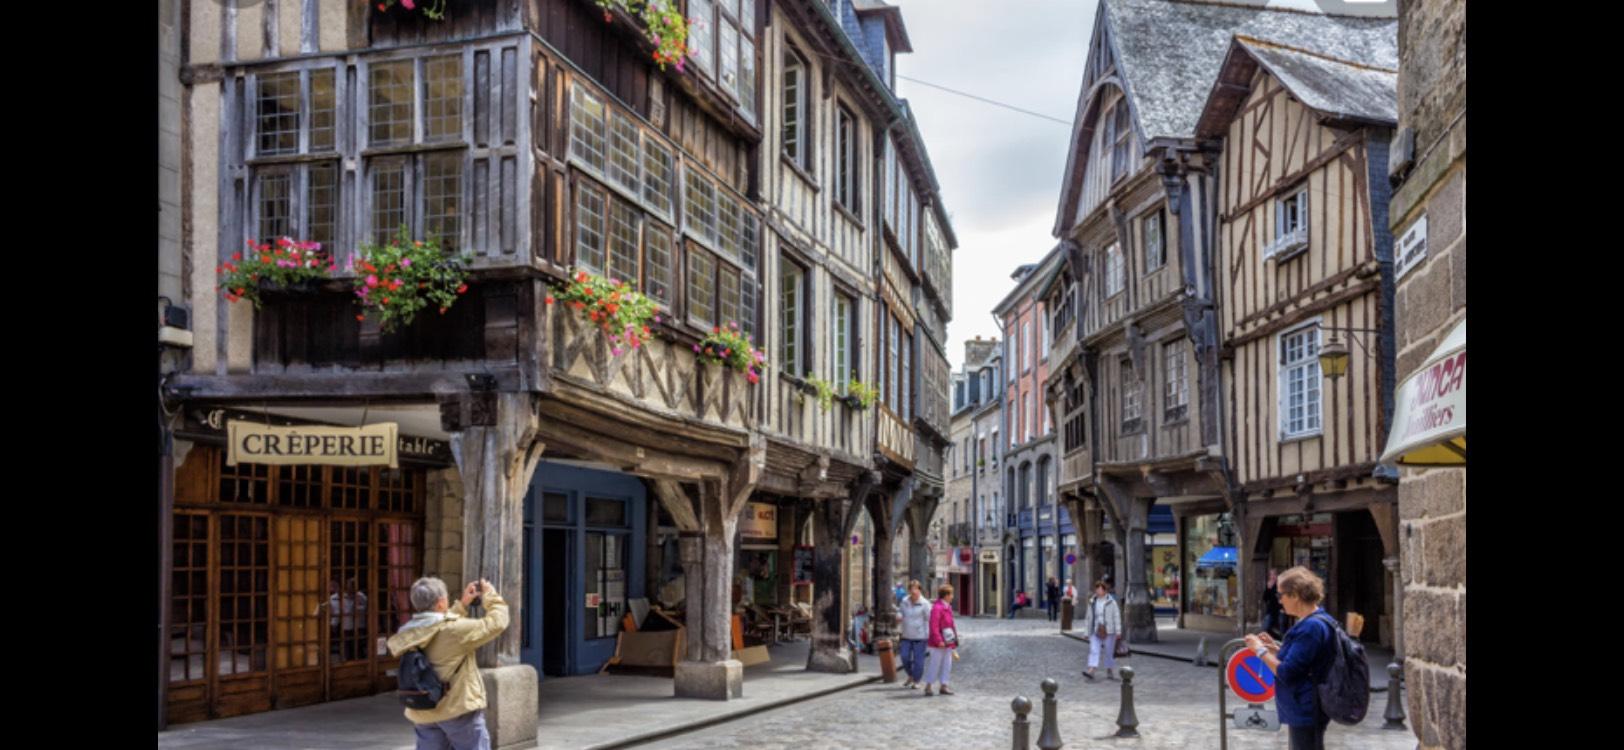 Séjour pour 2 Personnes à Dinan - 1 Nuit au Challonge Hôtel + Cidre + Petit-déjeuner + Visite et dégustation de spécialités bretonnes